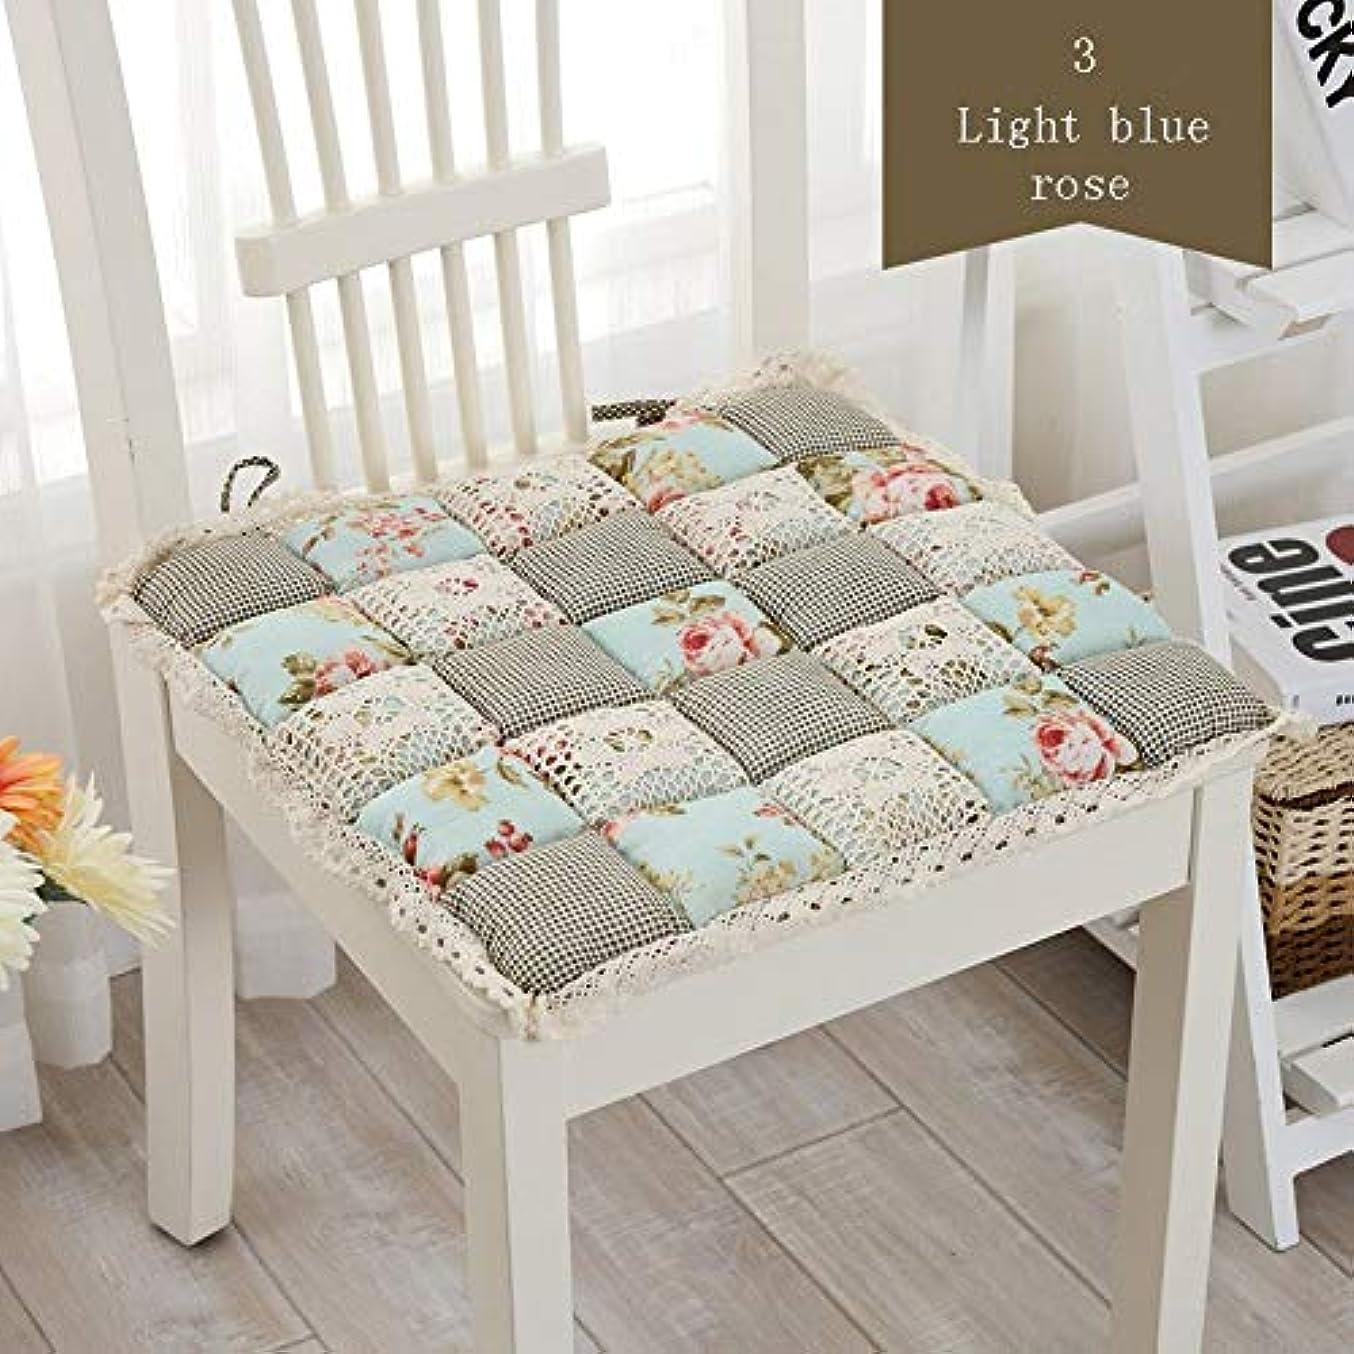 洪水好き去るLIFE 1 個抗褥瘡綿椅子クッション 24 色ファッションオフィス正方形クッション学生チェアクッション家の装飾厚み クッション 椅子